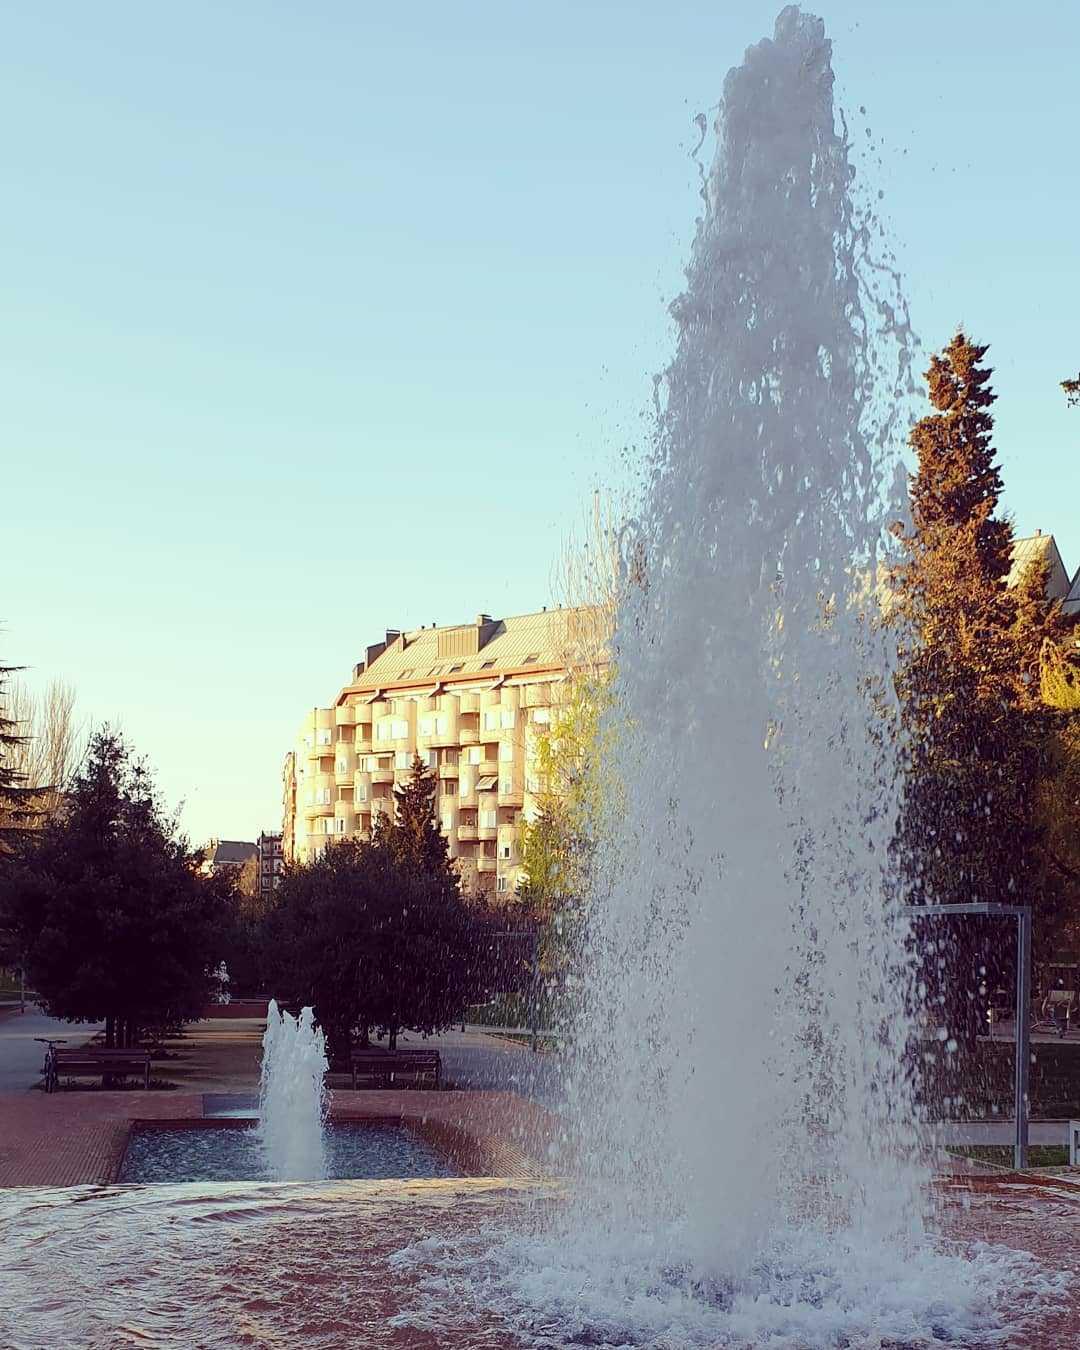 Parque del norte, Vitoria, @freddyomorales, lugares con encanto